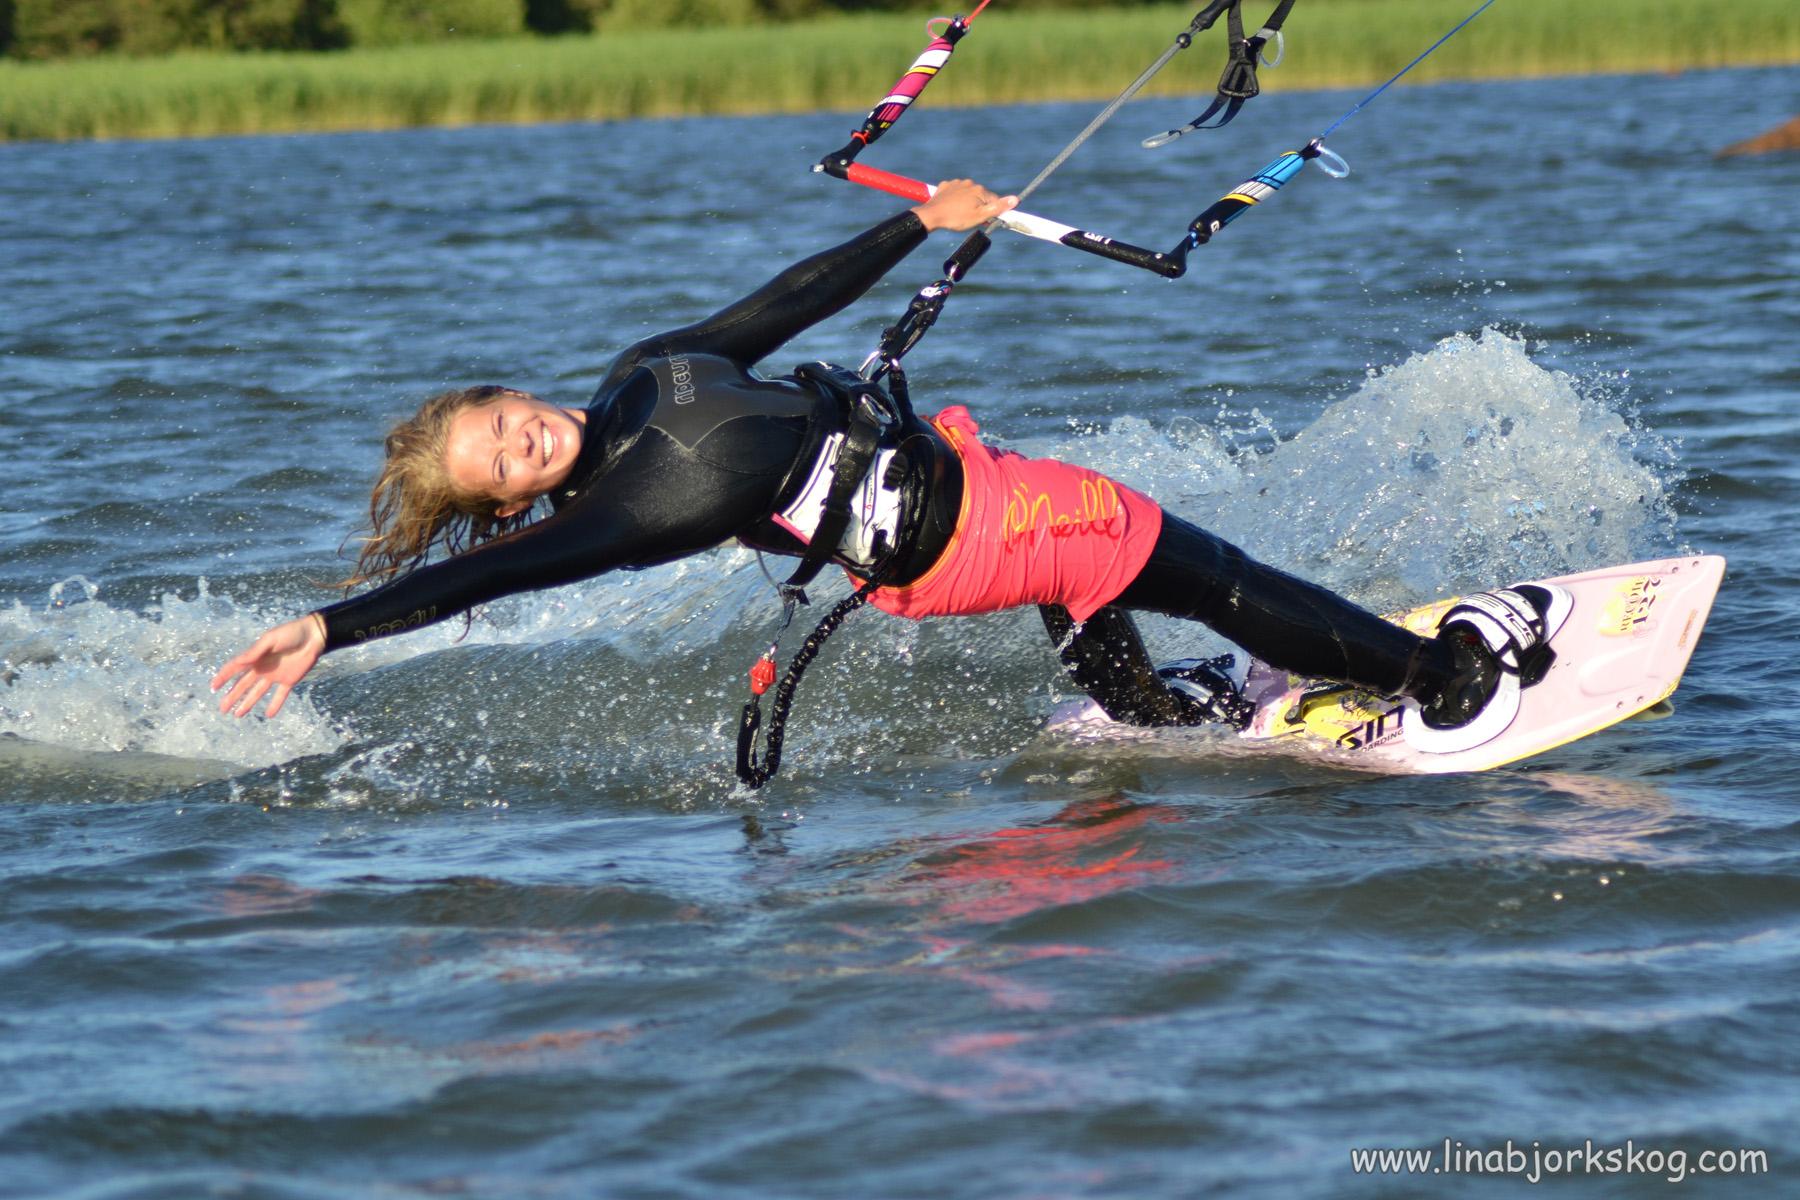 Sommarminnen av kitesurfing